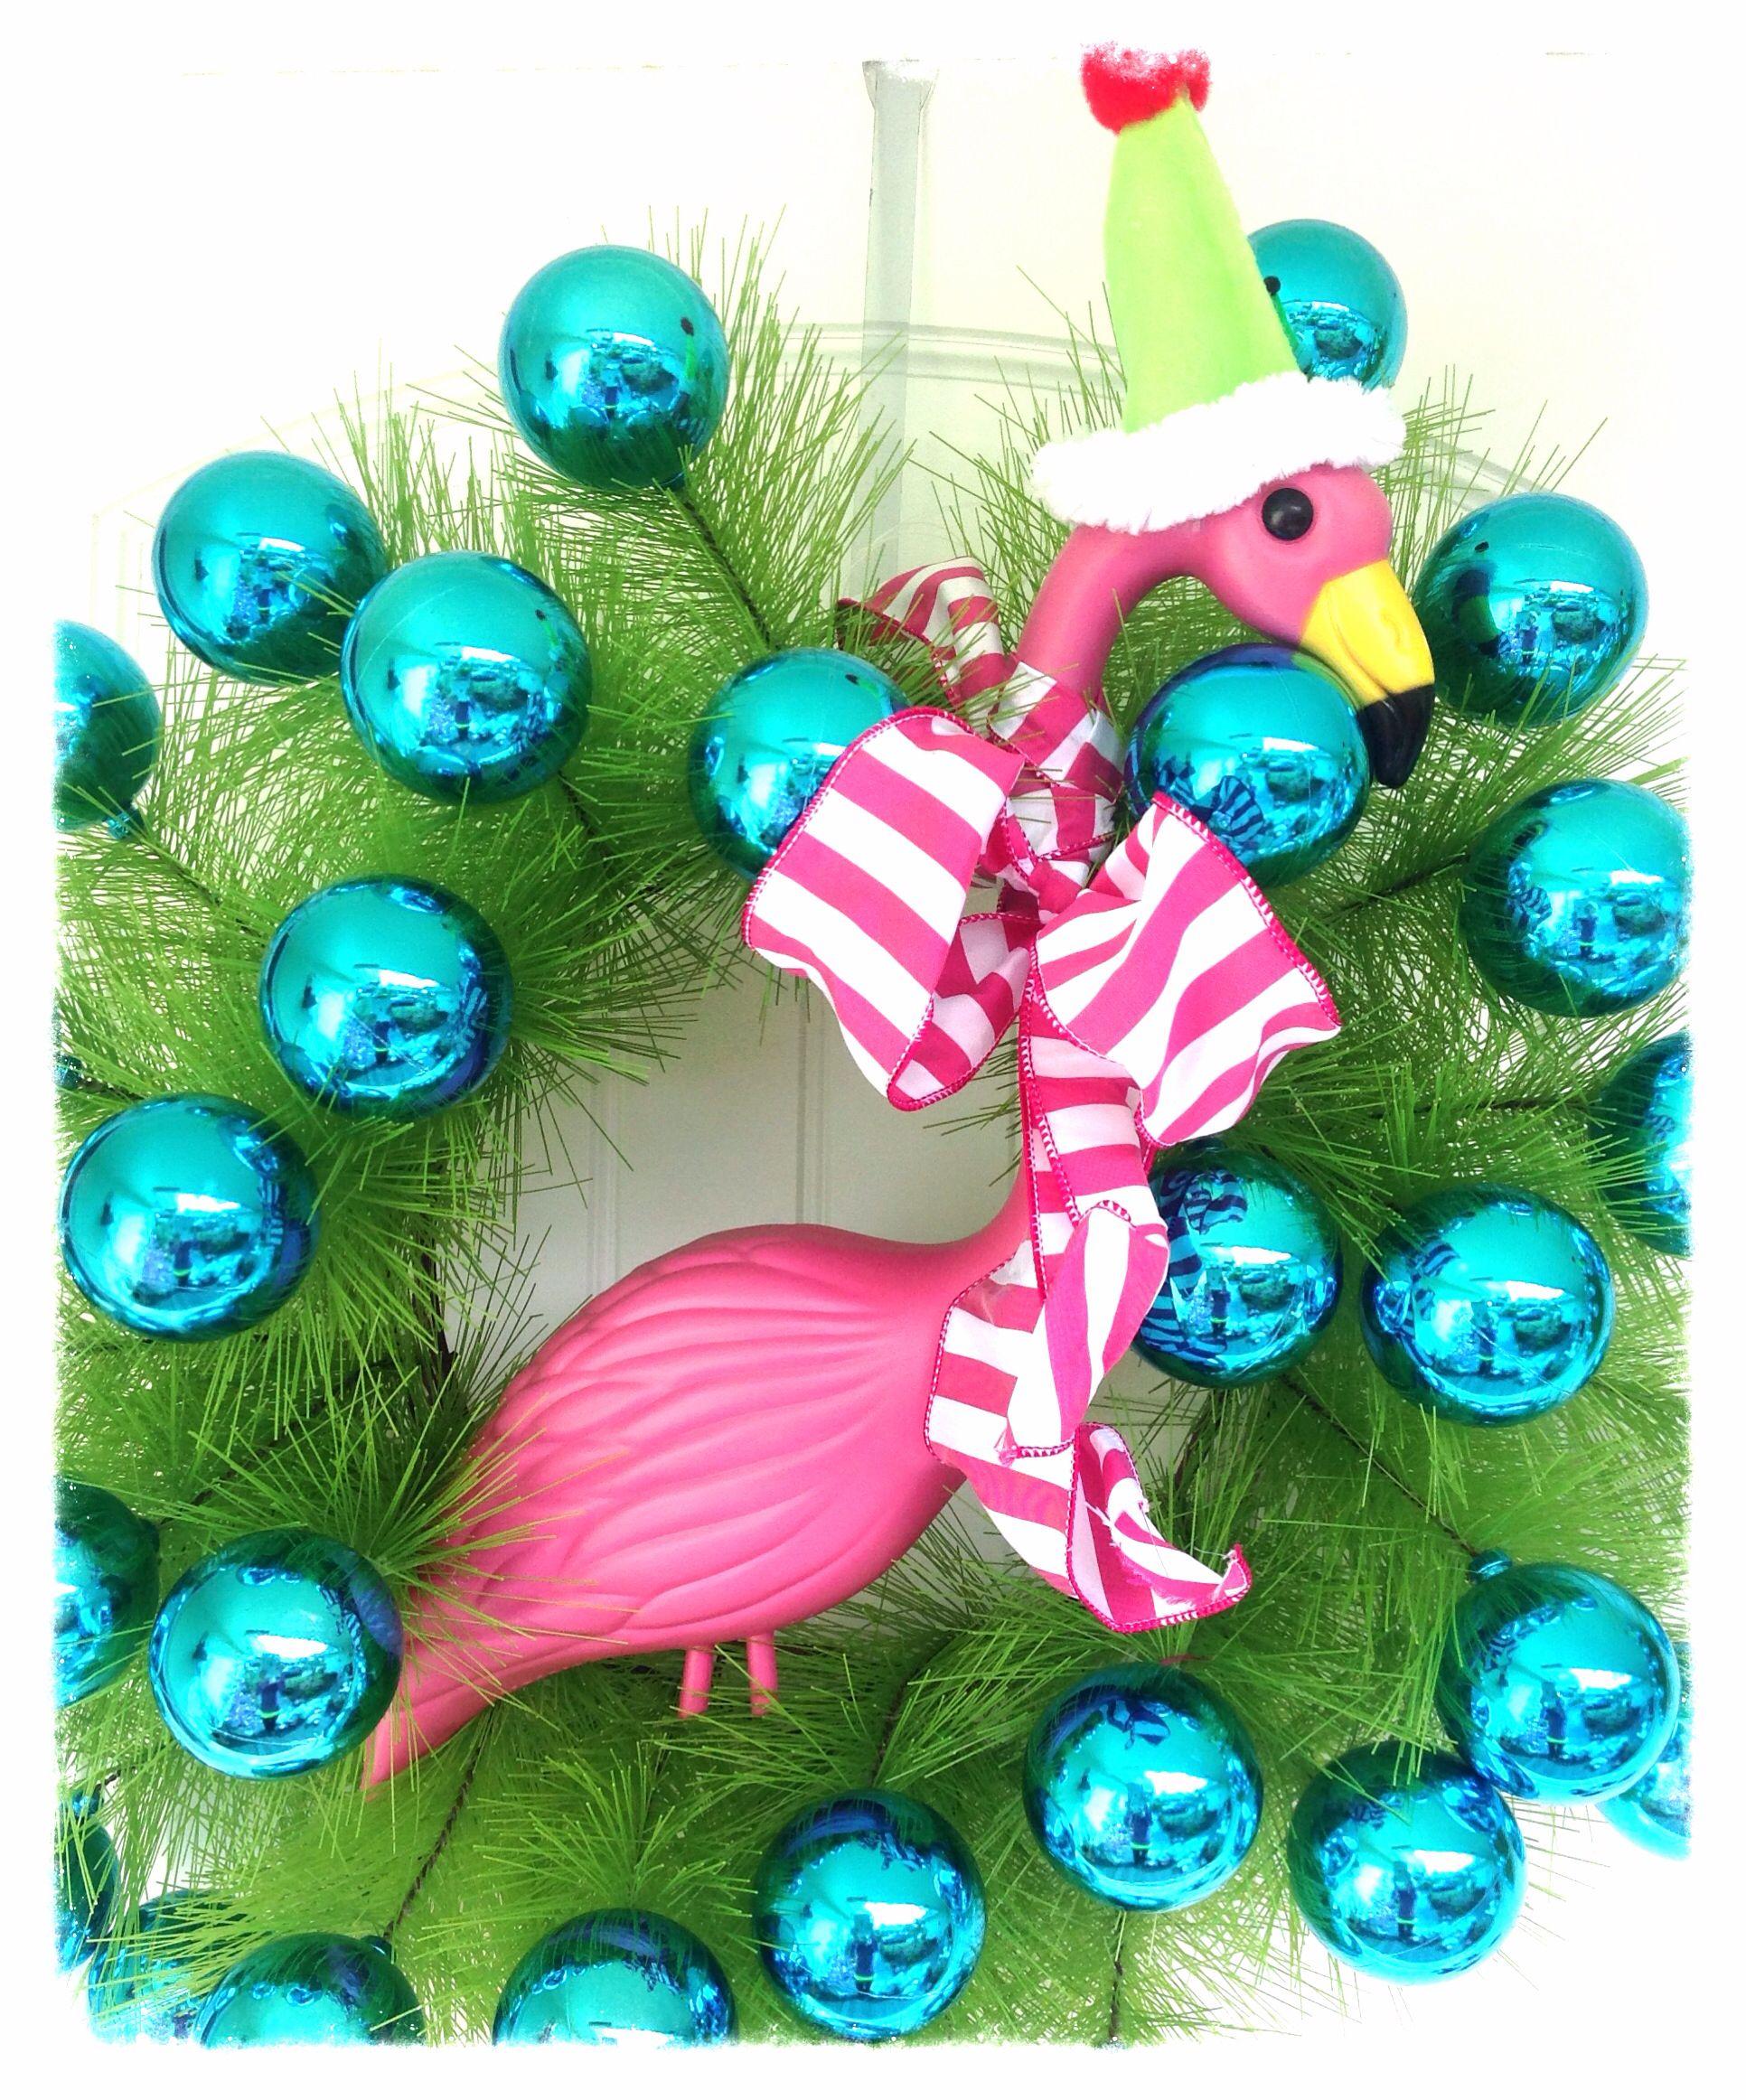 Florida christmas ornament - Florida Christmas